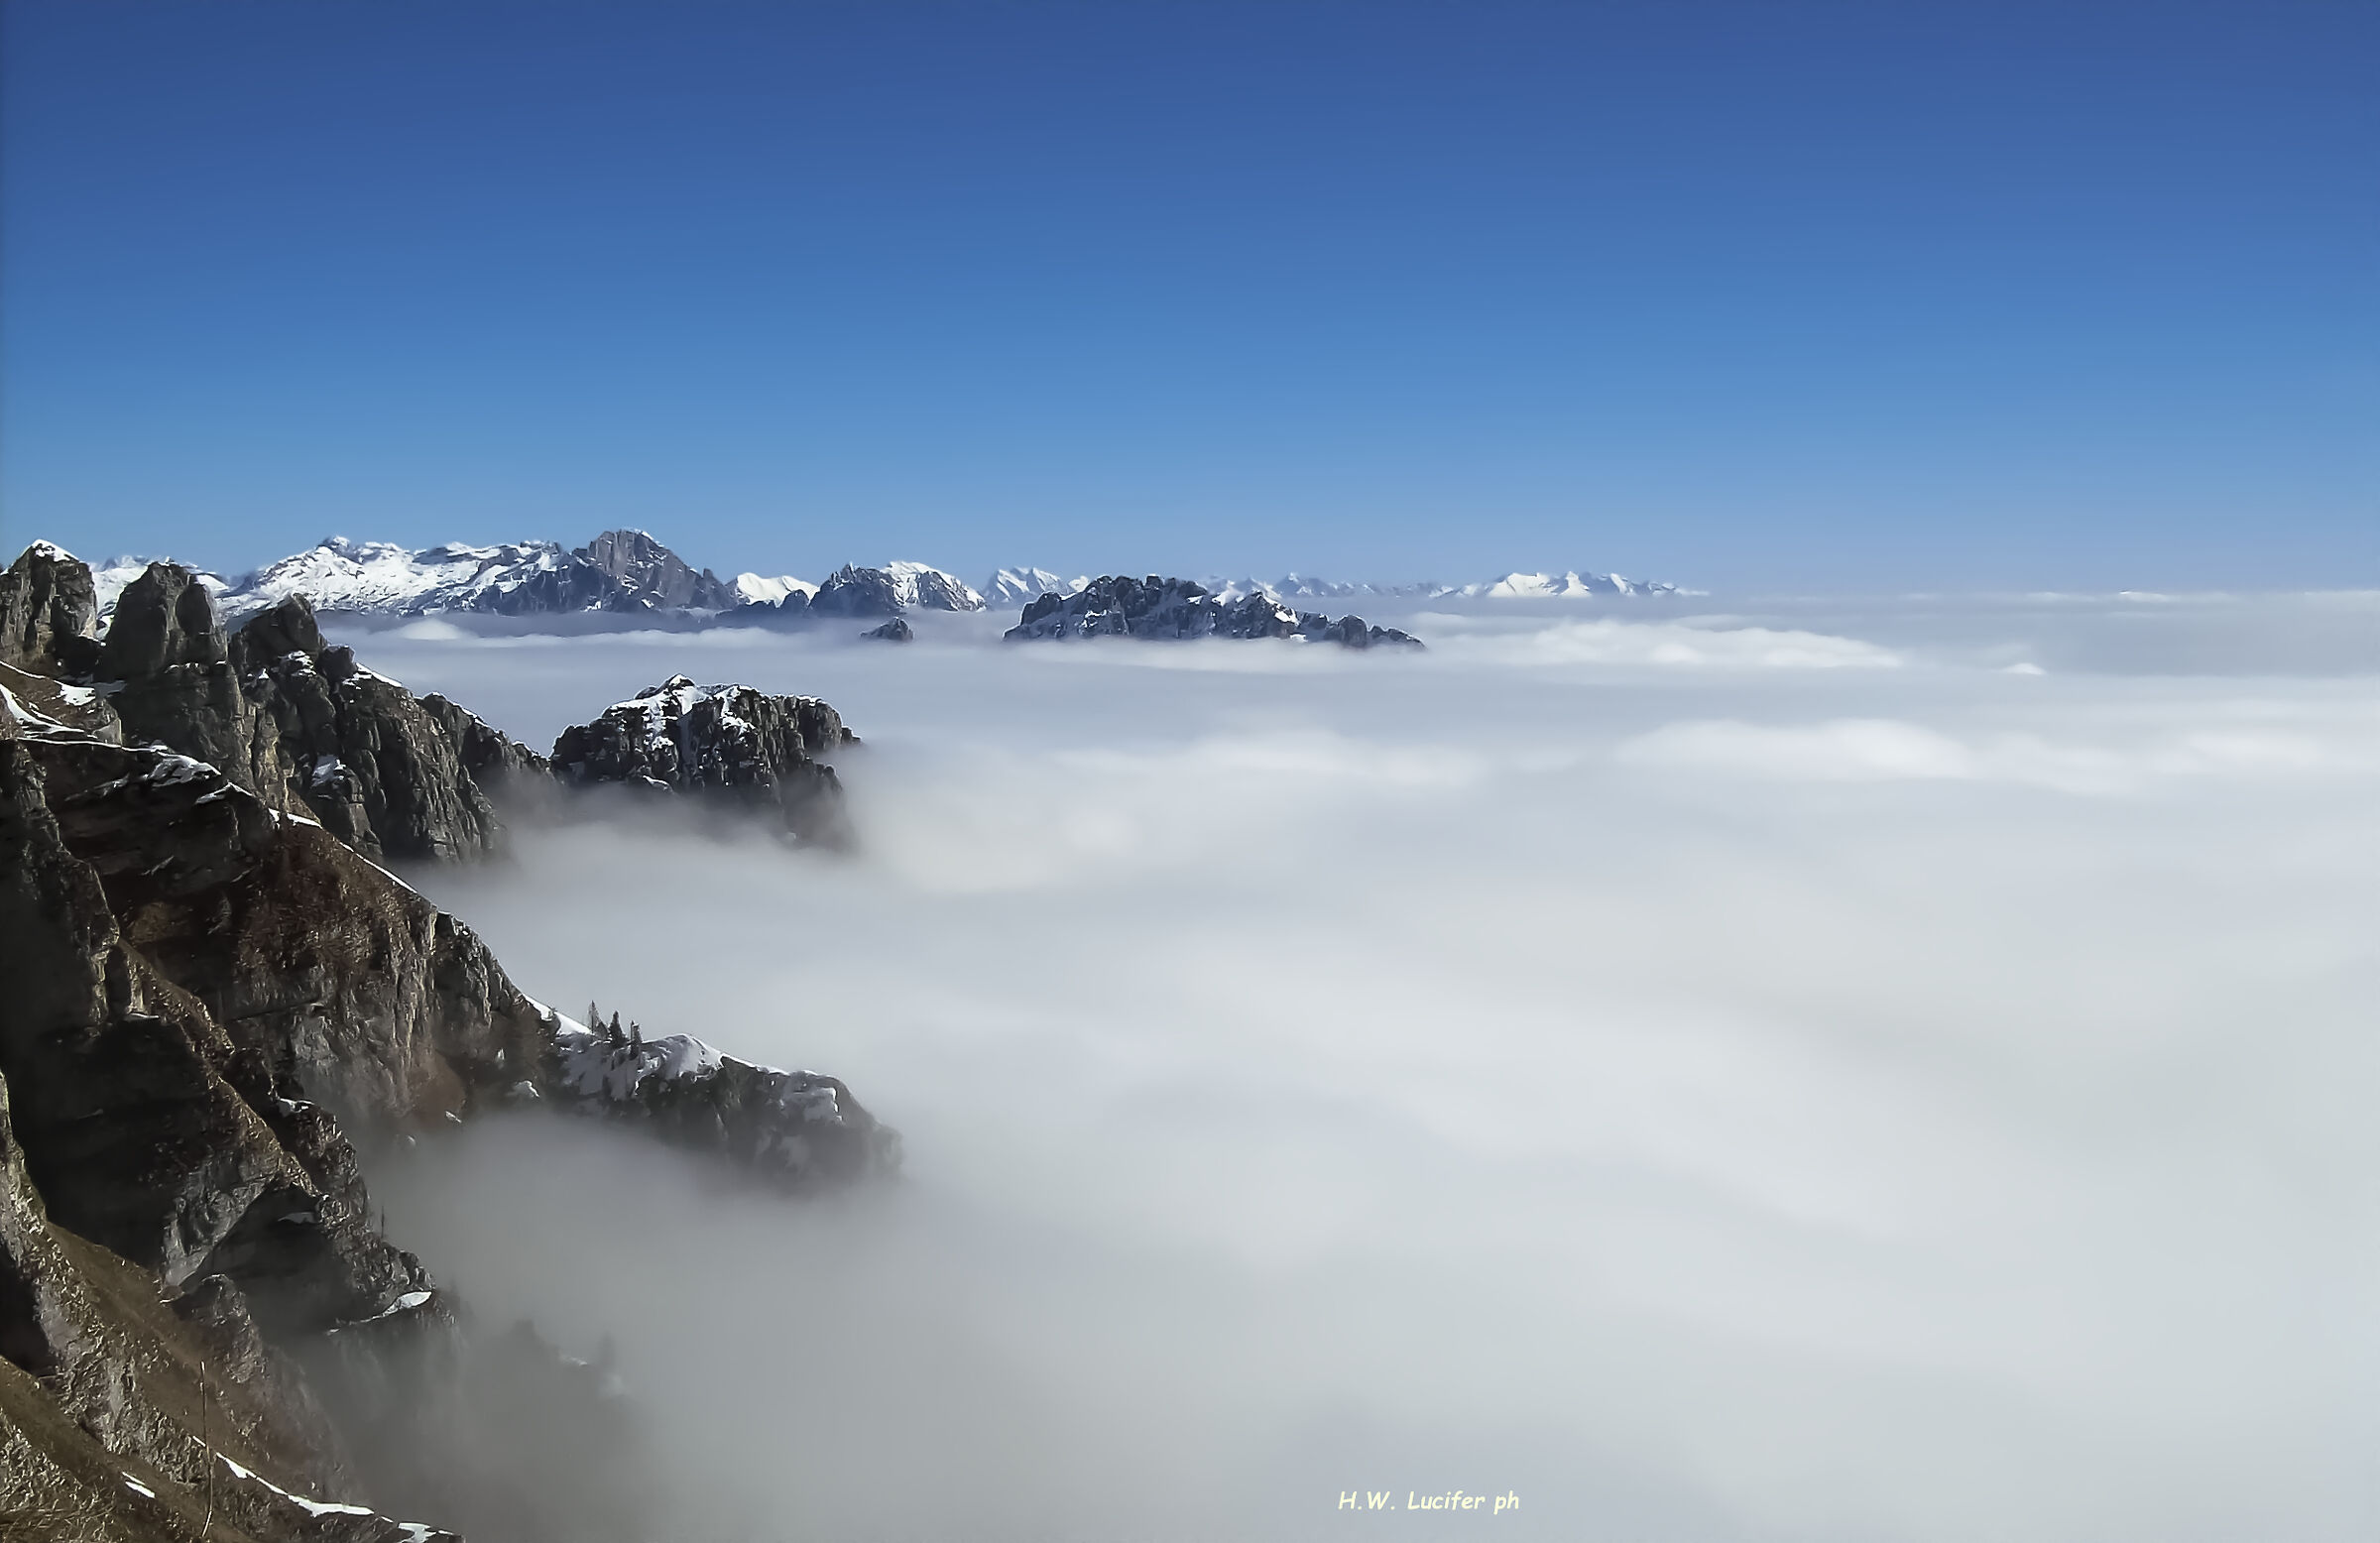 Islands in a sea of clouds...